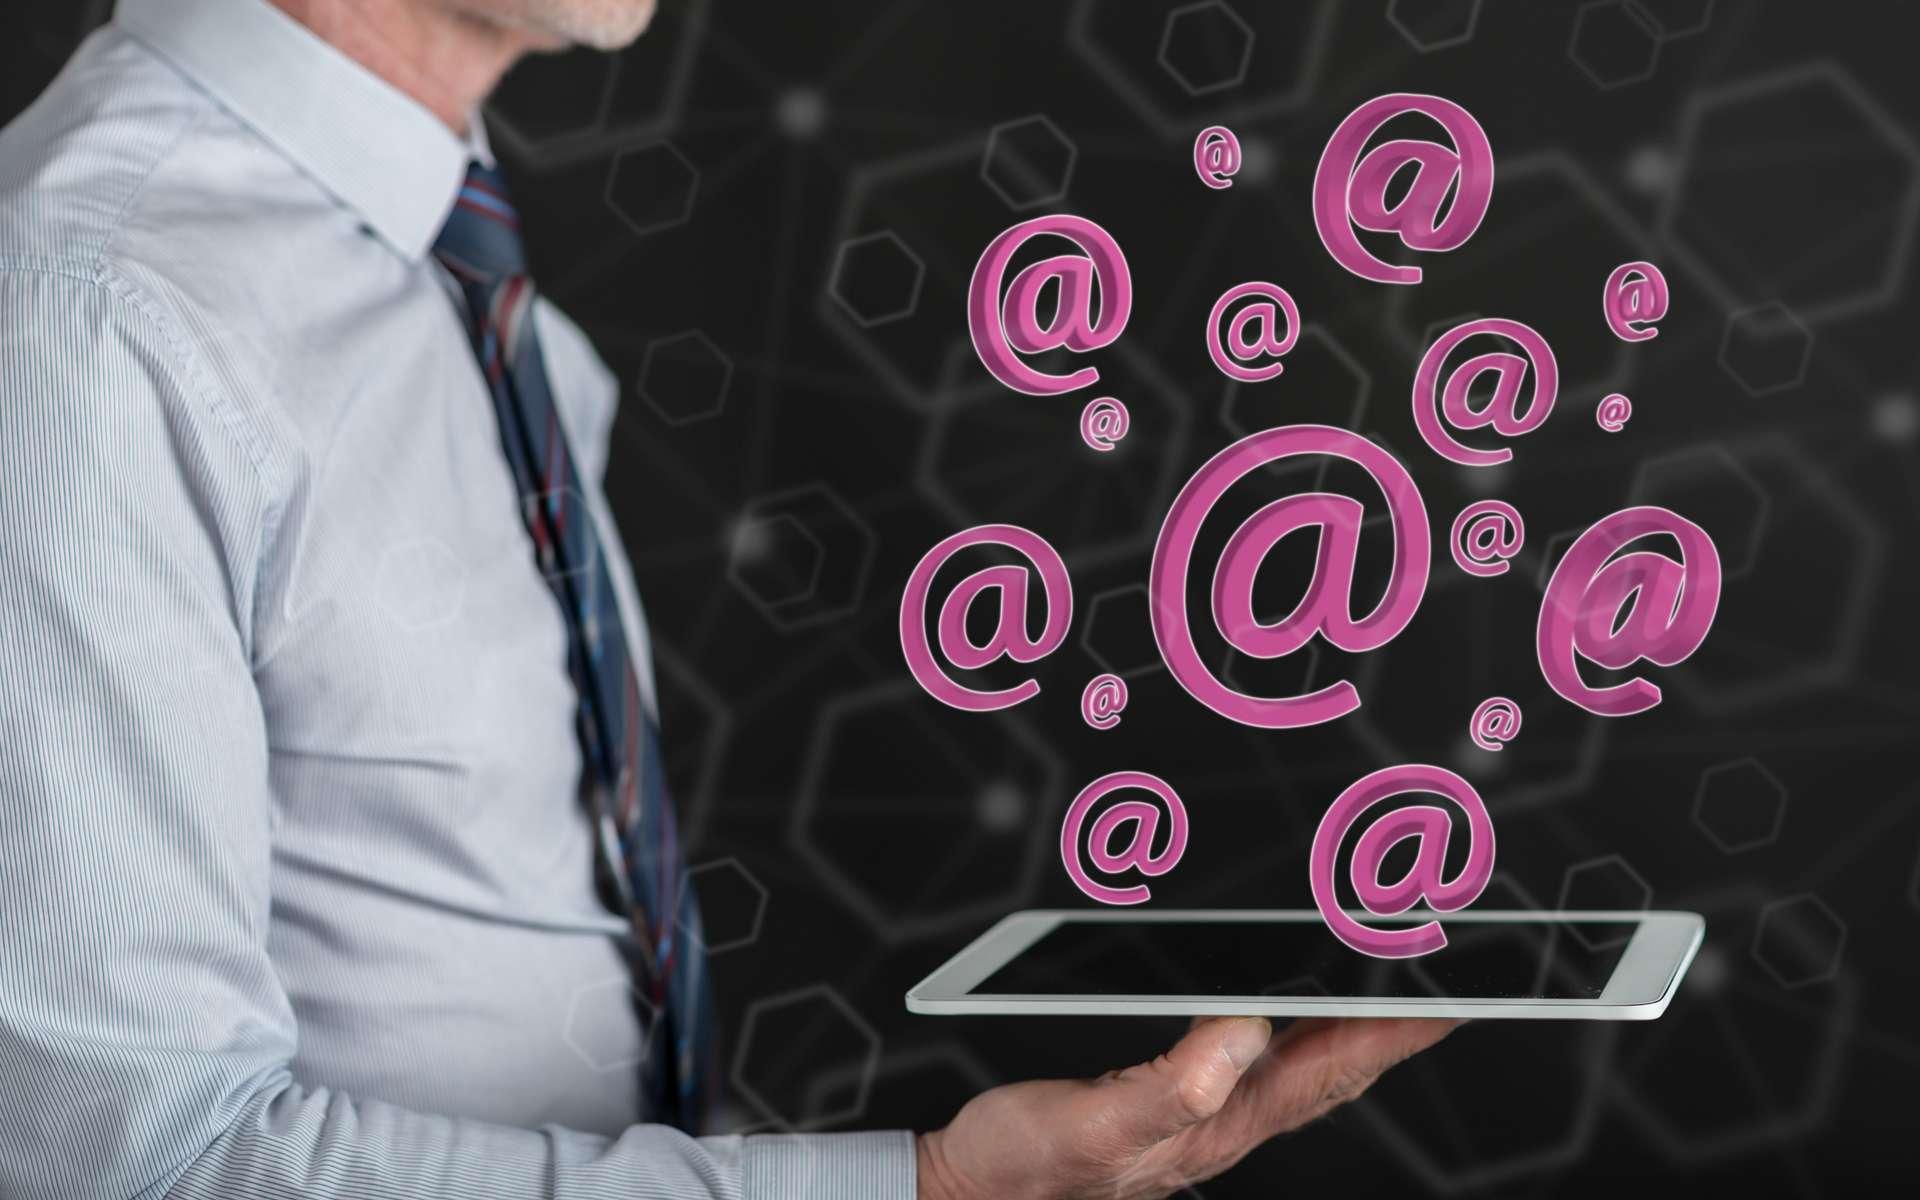 L'arobase (@) utilisé dans toute adresse de courier électronique est prononcé « at » en anglais. © Thodonal, Adobe Stock